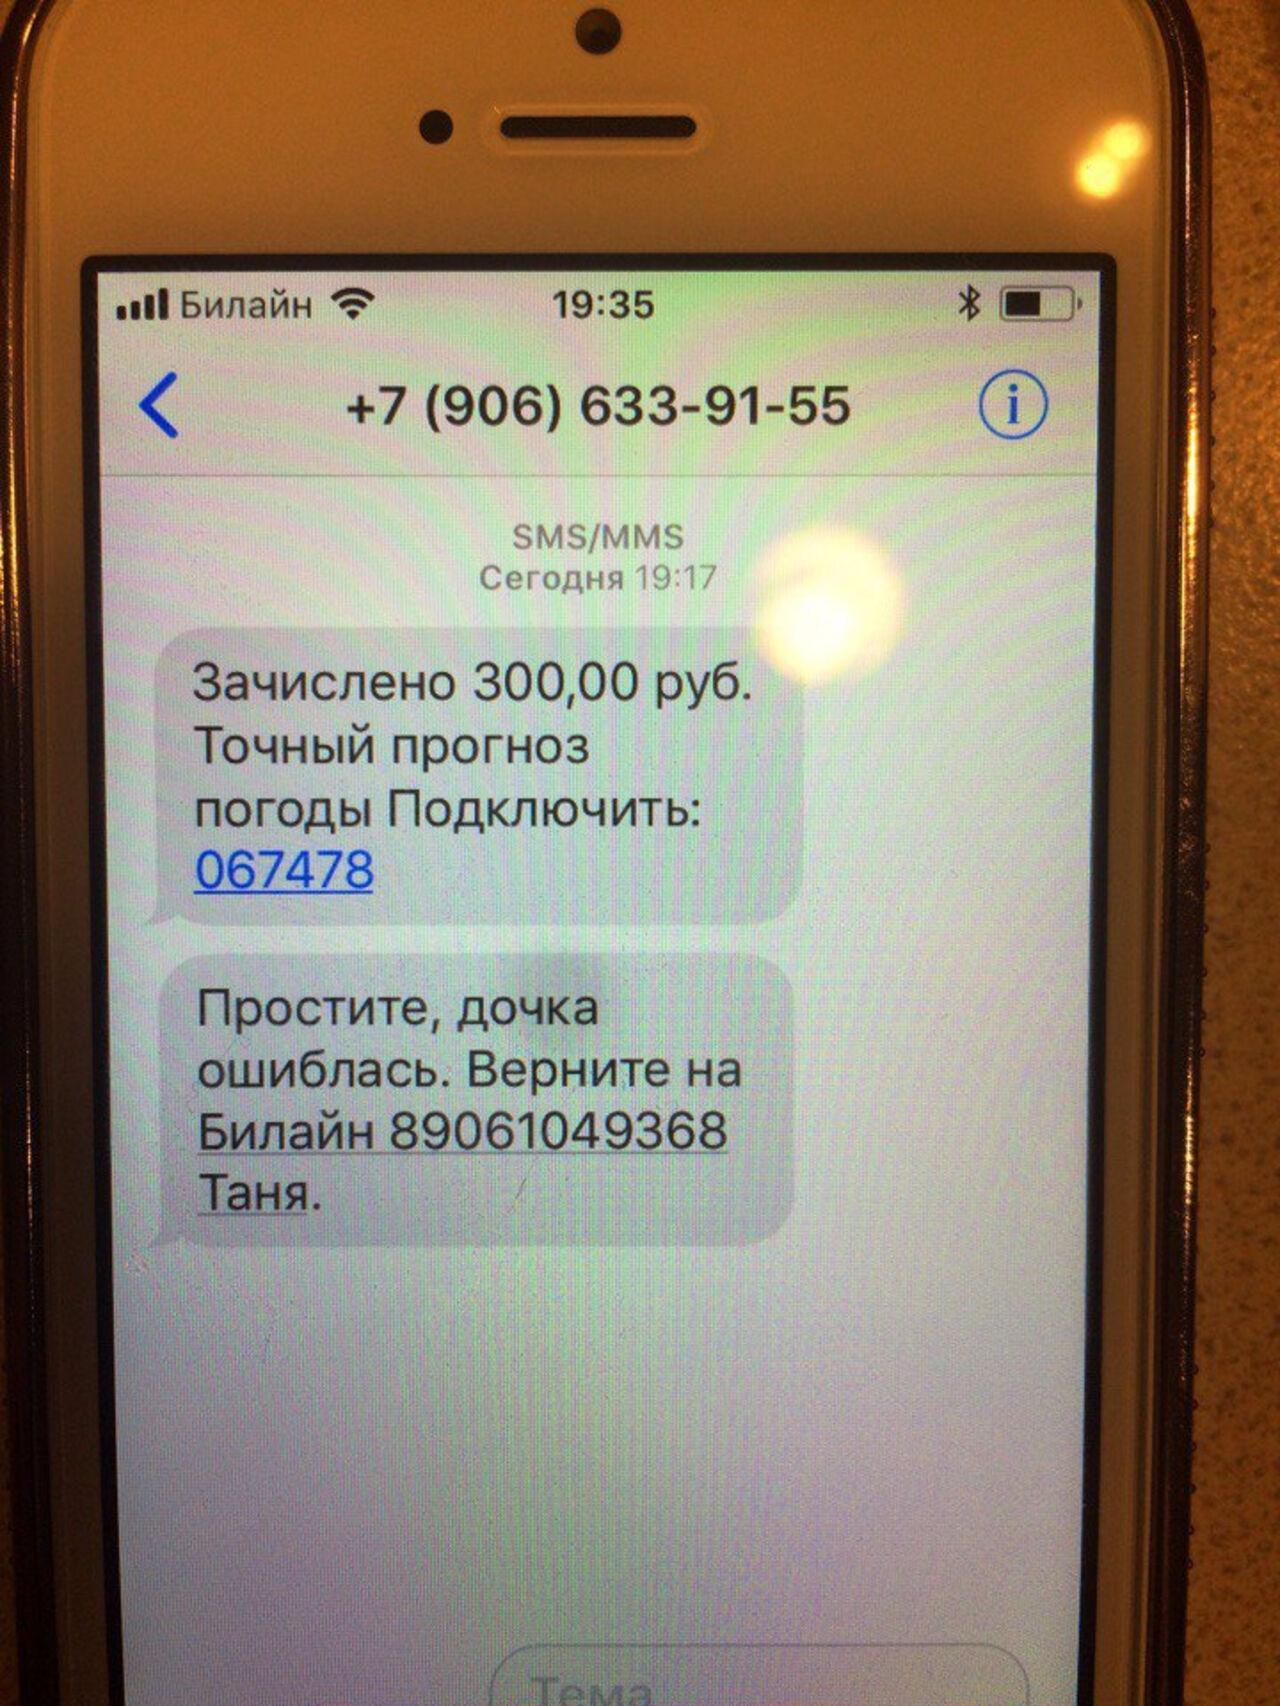 Картинки в телефон не через смс